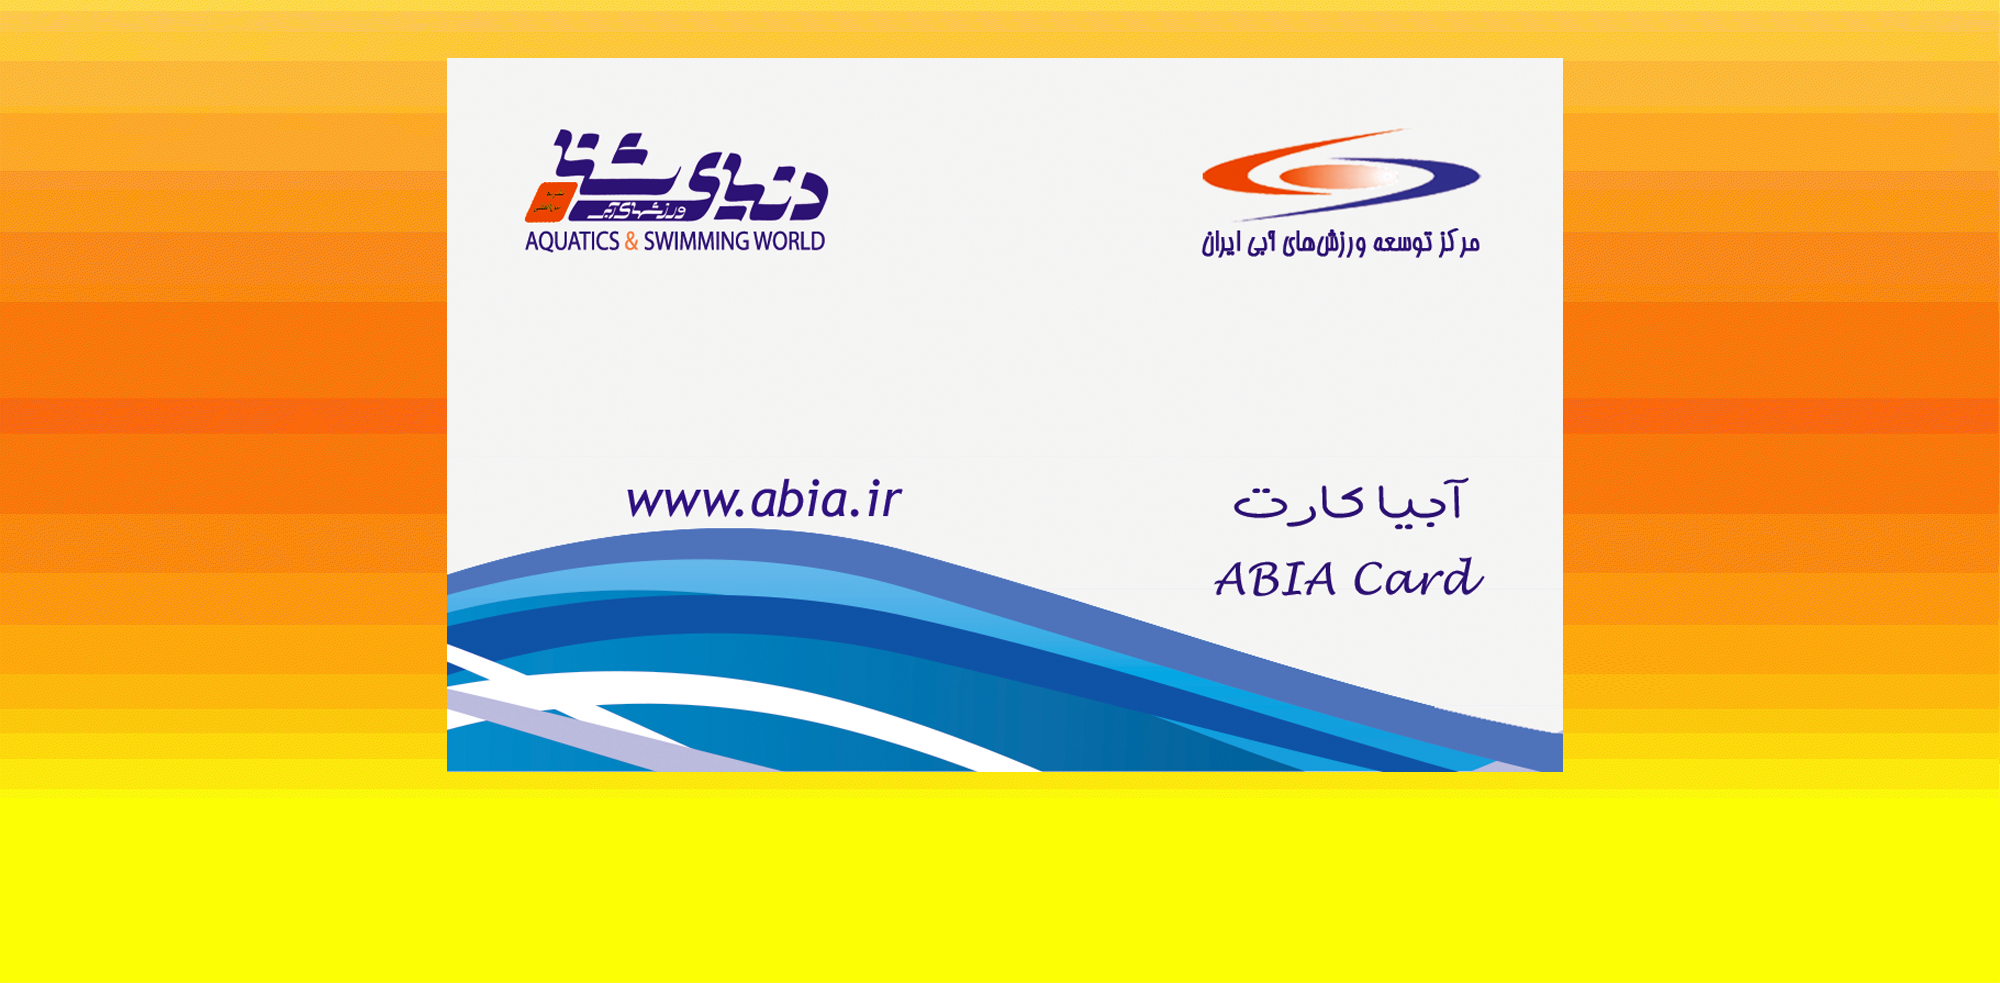 www.bilit.abia.ir